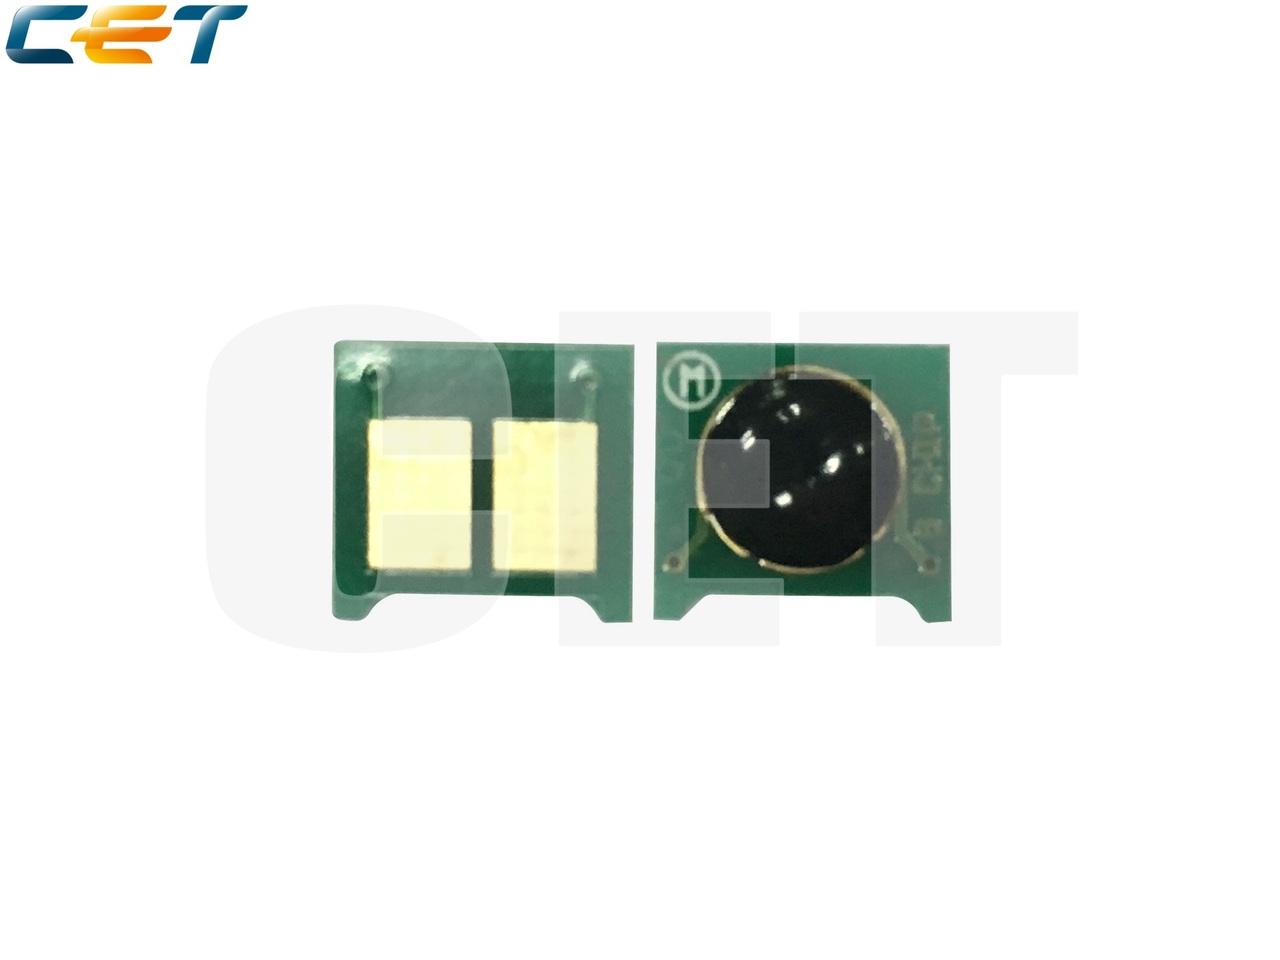 Чип картриджа CB540A, CC530A для HP Color LaserJetCP1215/CP1515/CP2025/CM2320 (CET) Black, (WW), (унив.),2.2K3.5K, CET0963K